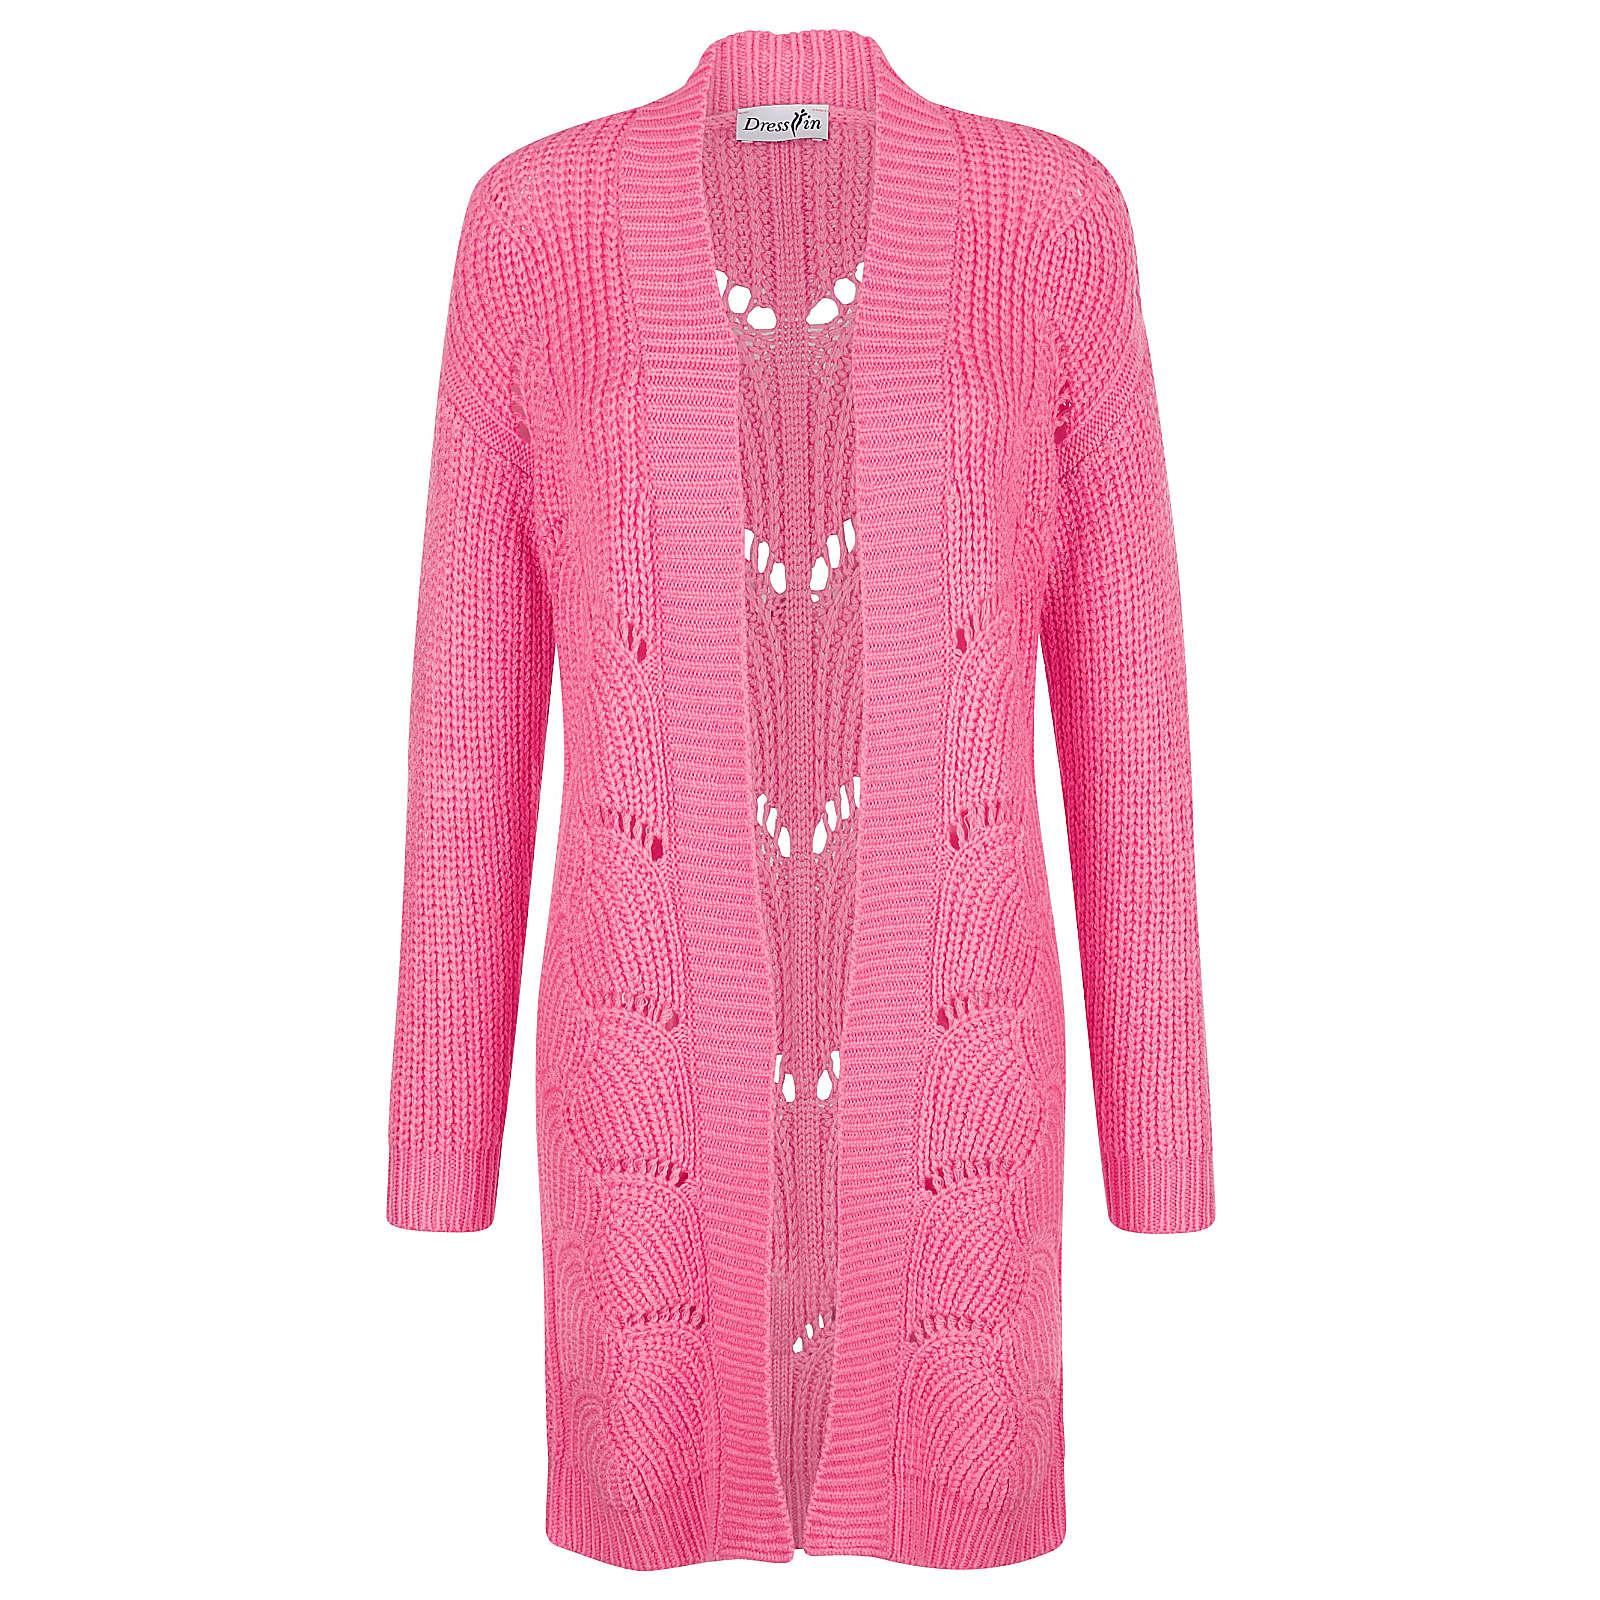 Dress In Strickjacke langarm uni Gerade halbtransparent Kunstfaser Strickjacken pink Damen Gr. 44